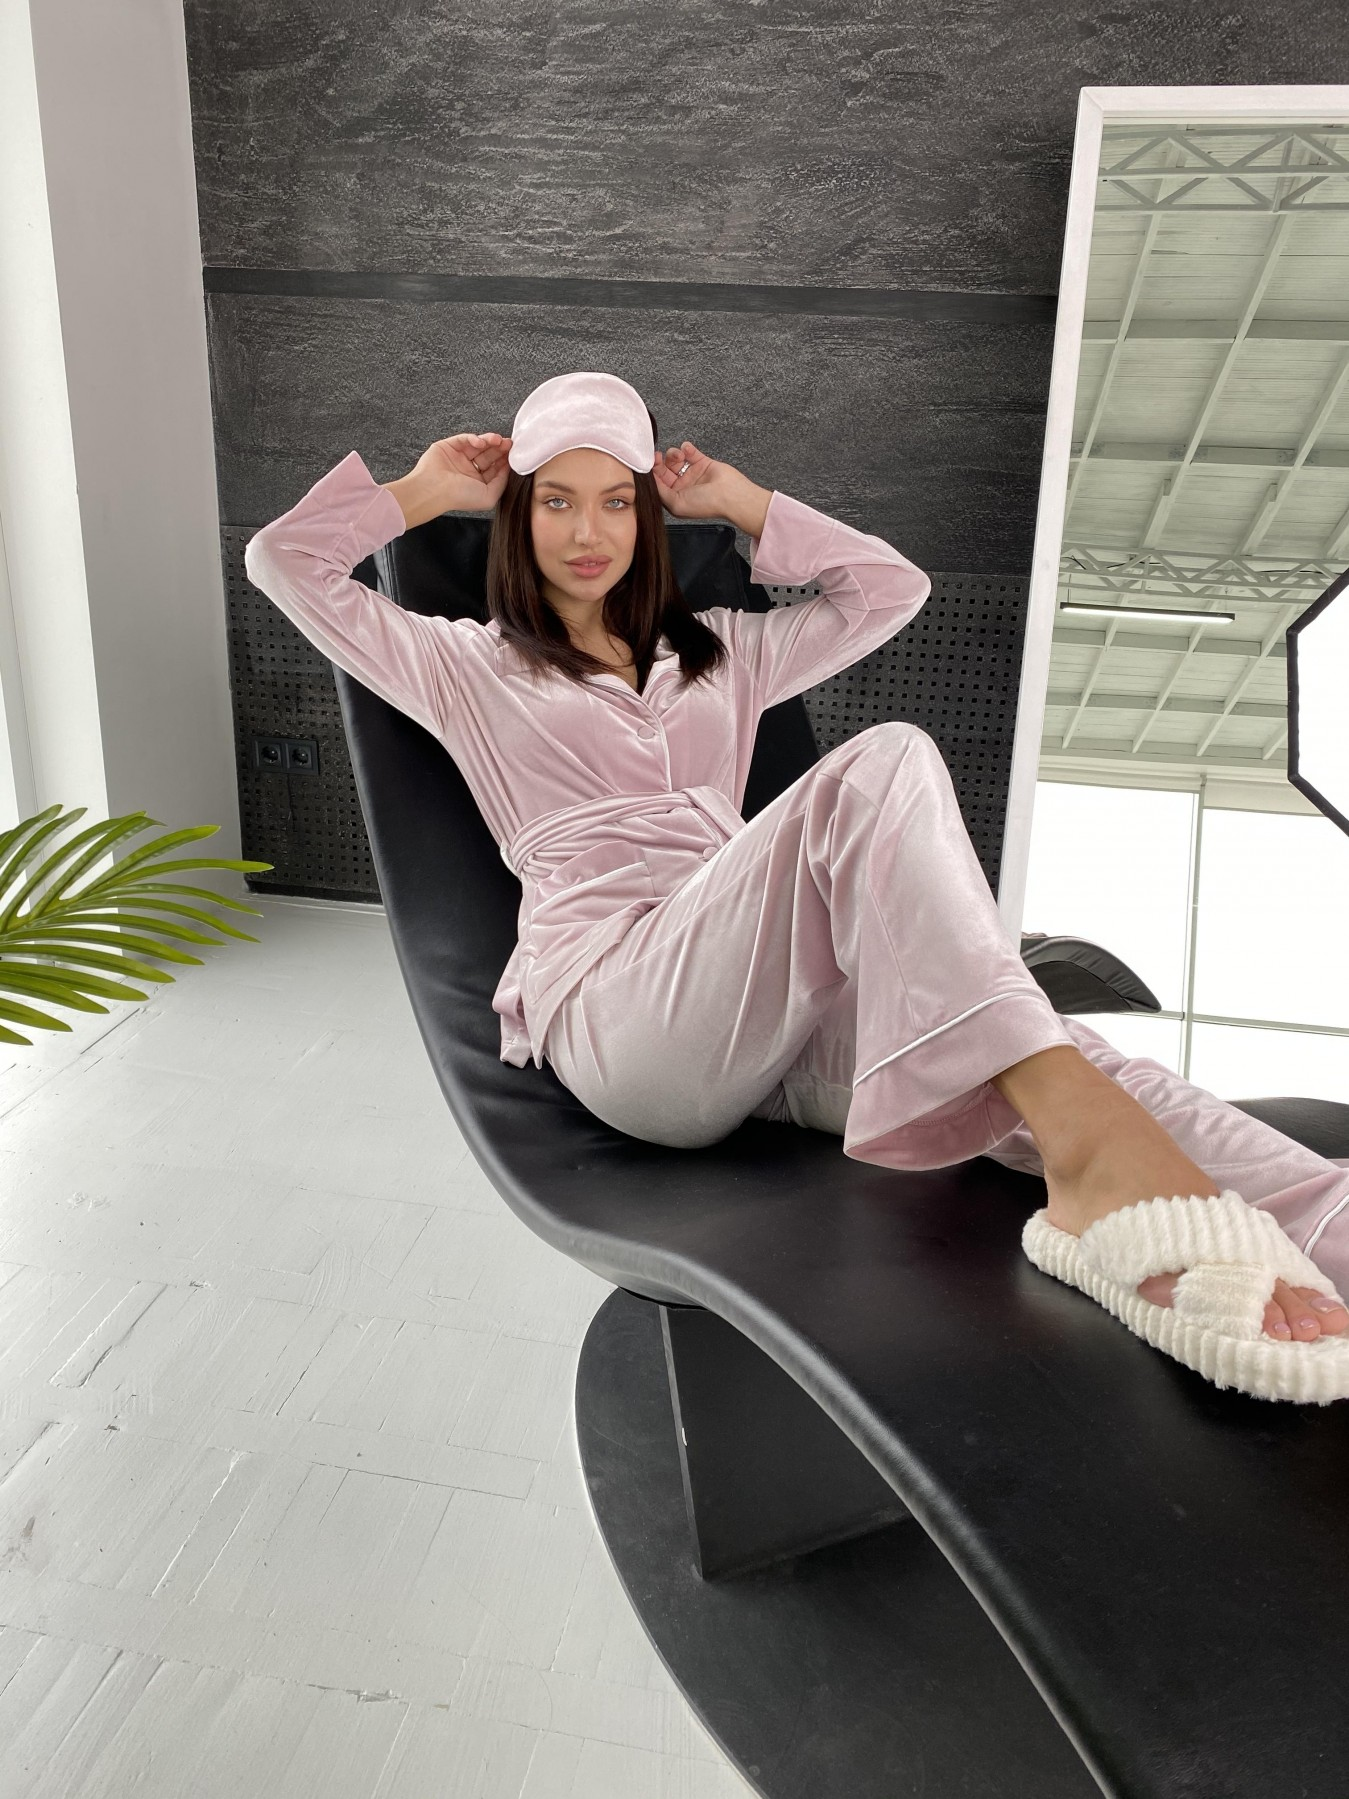 Шайн пижама велюр жакет брюки маска для сна 10353 АРТ. 47088 Цвет: Розовый - фото 1, интернет магазин tm-modus.ru